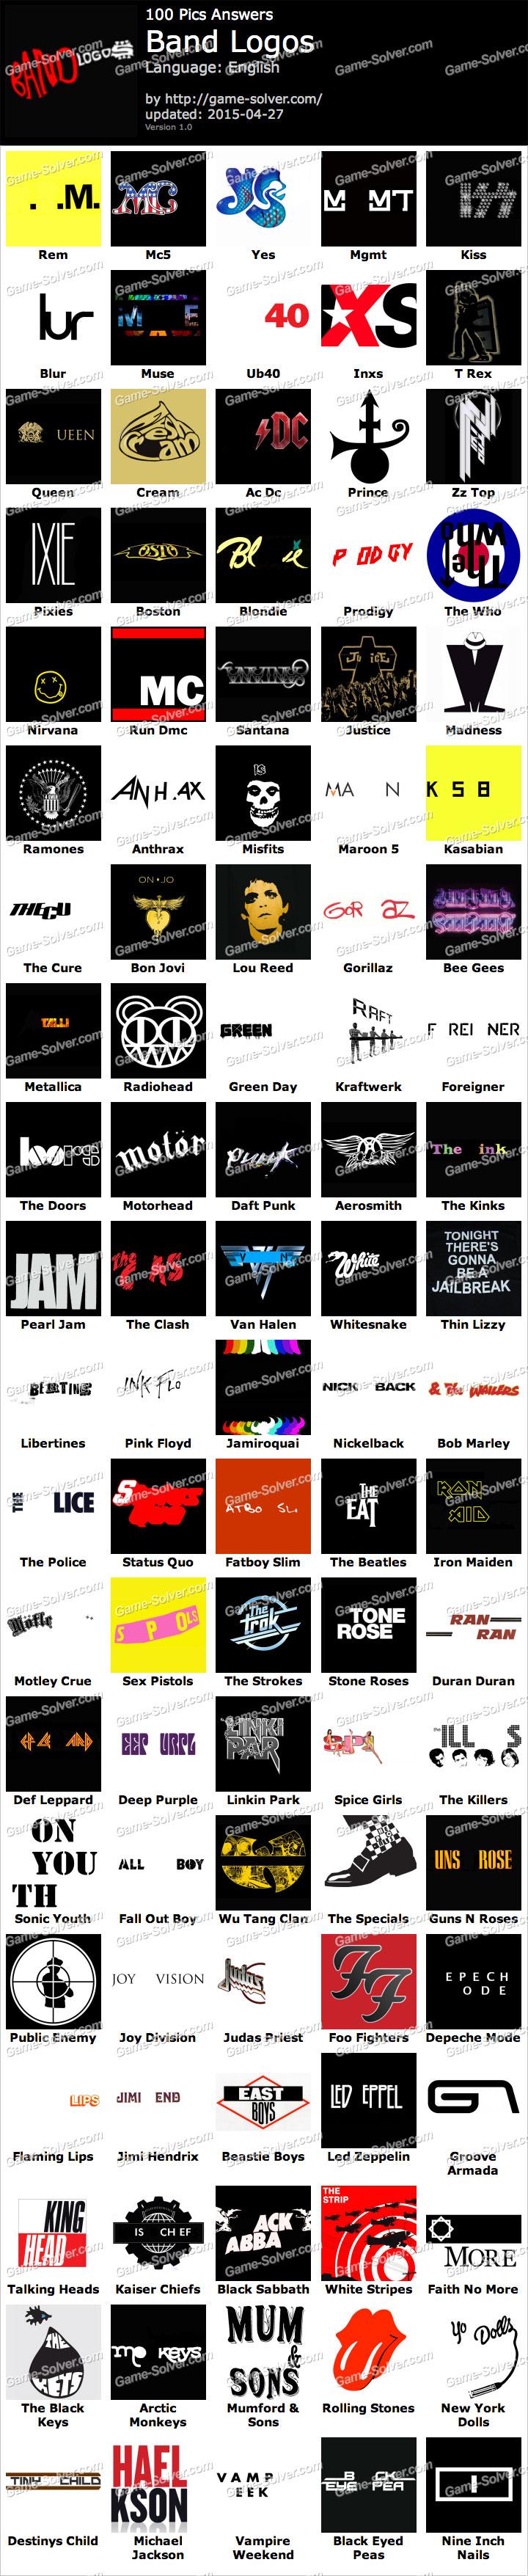 Pics band logos 100